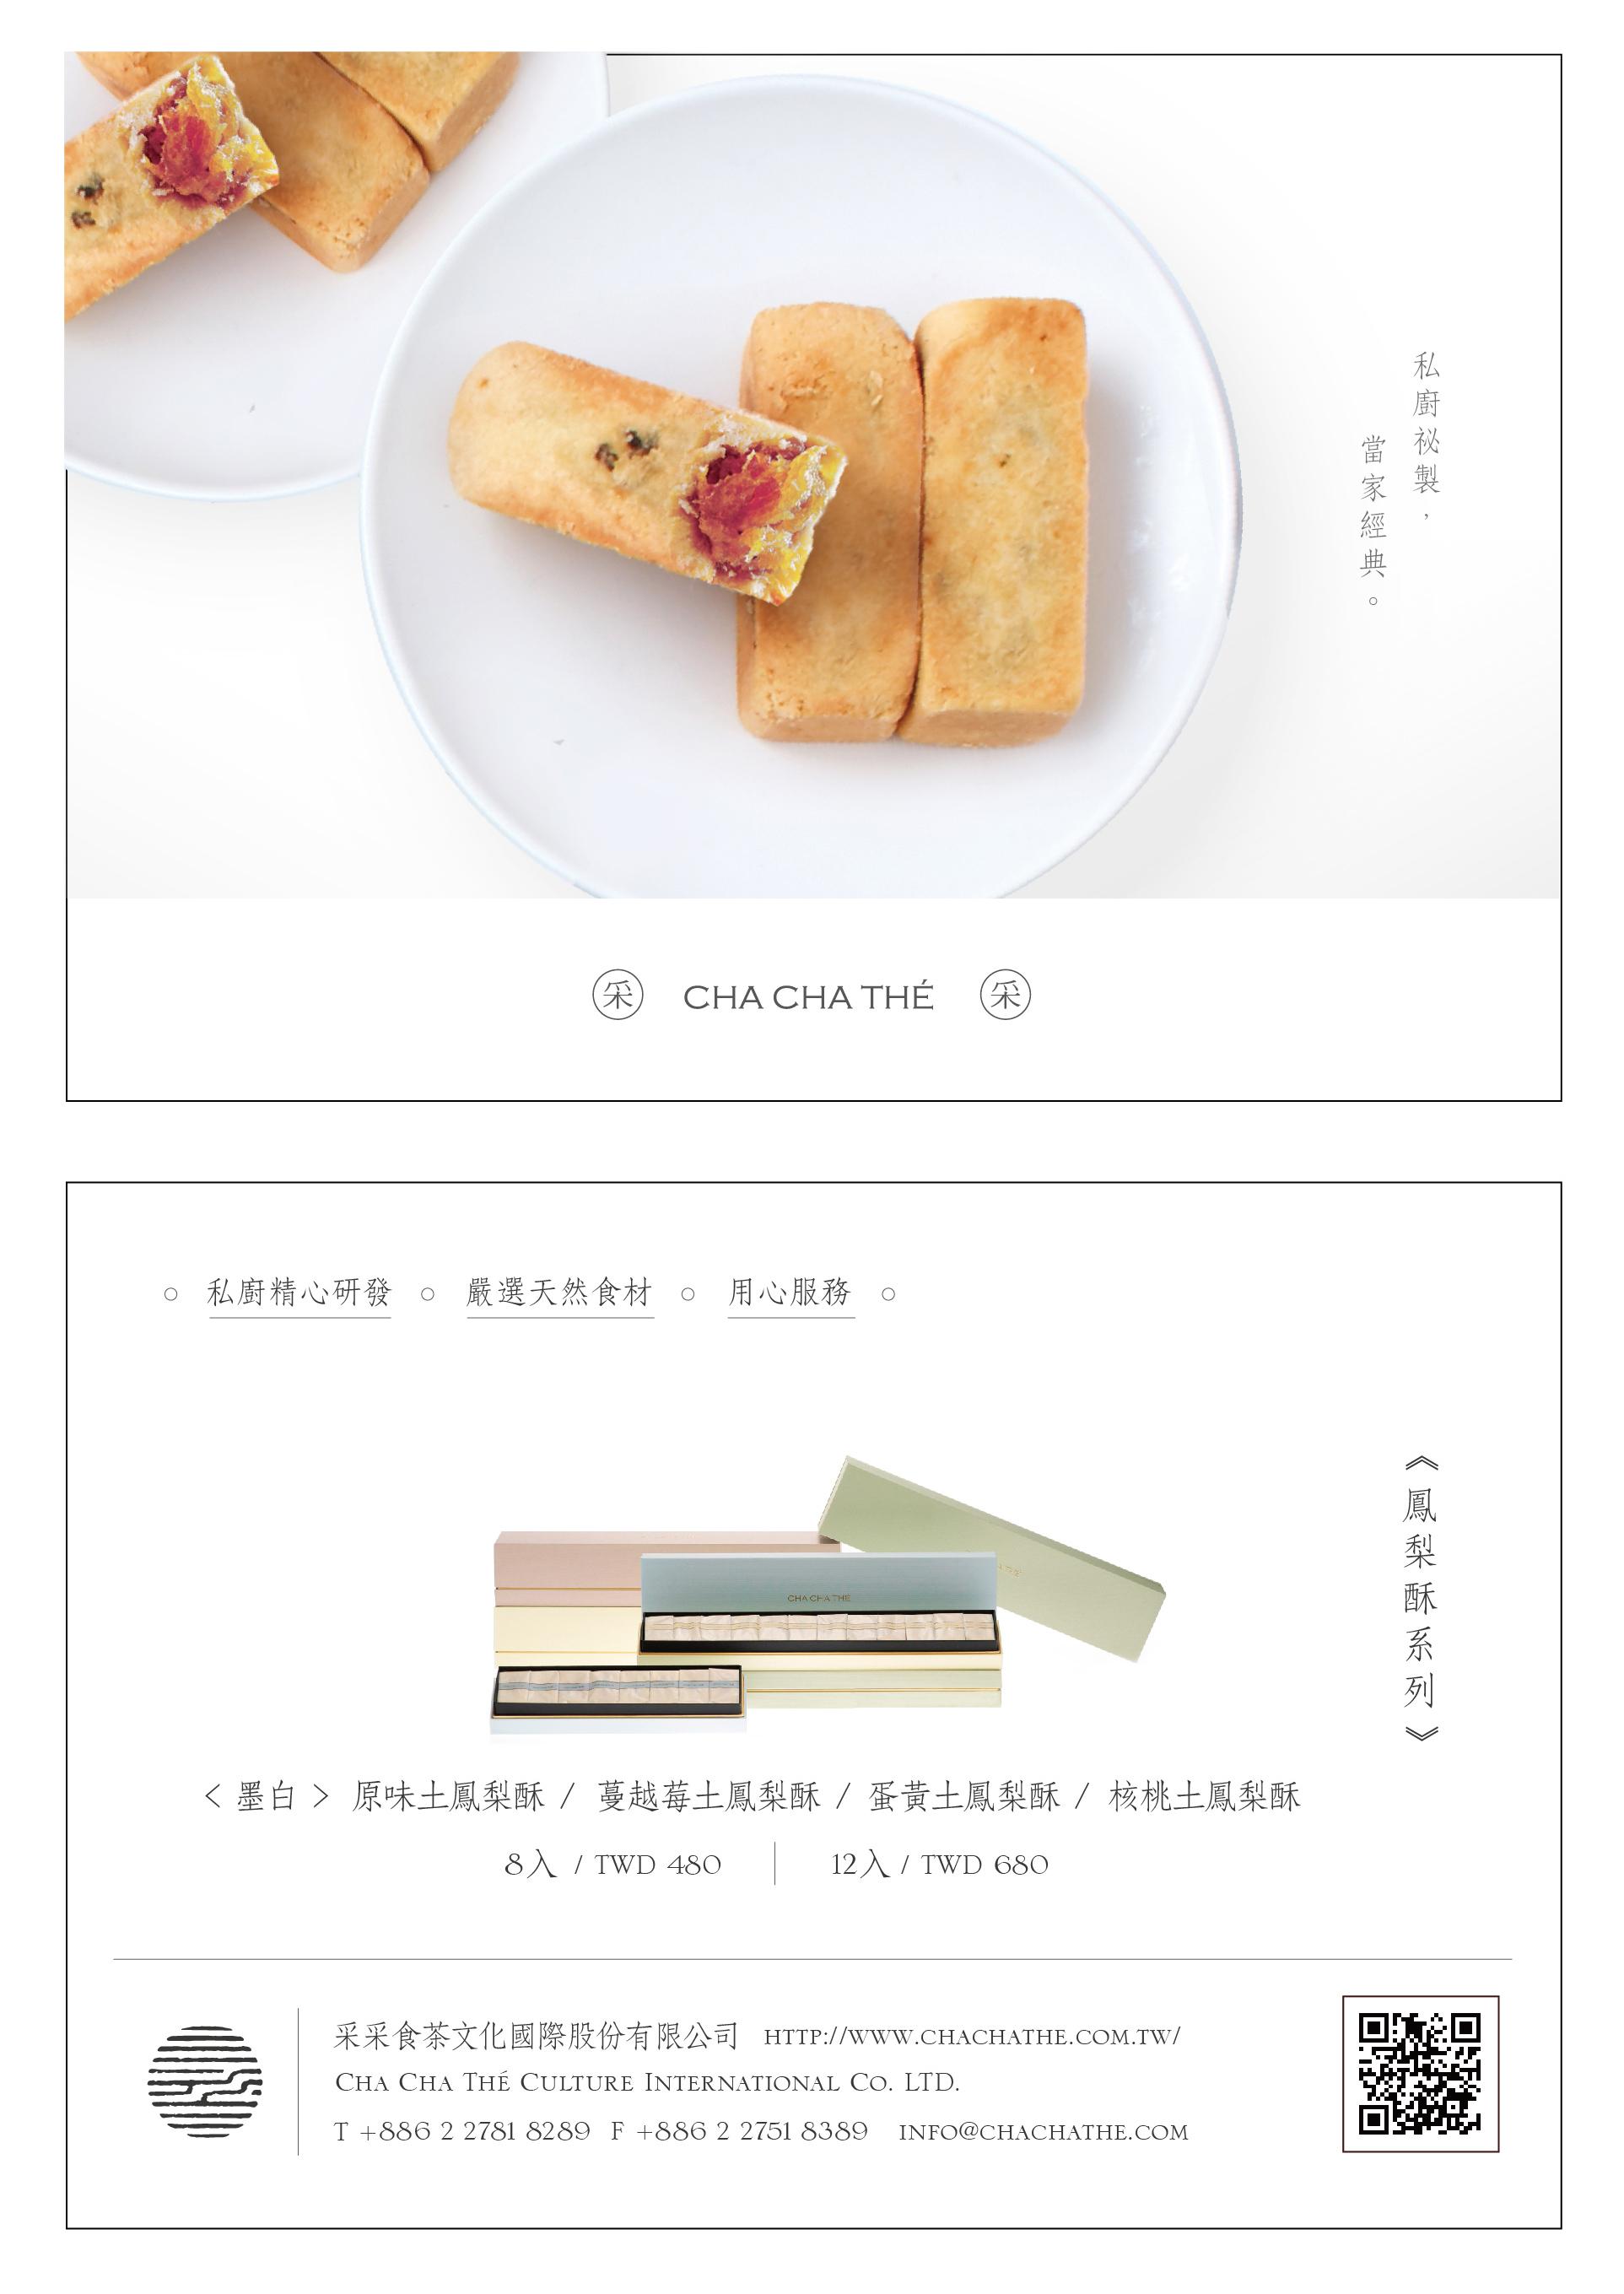 鳳梨酥產品卡